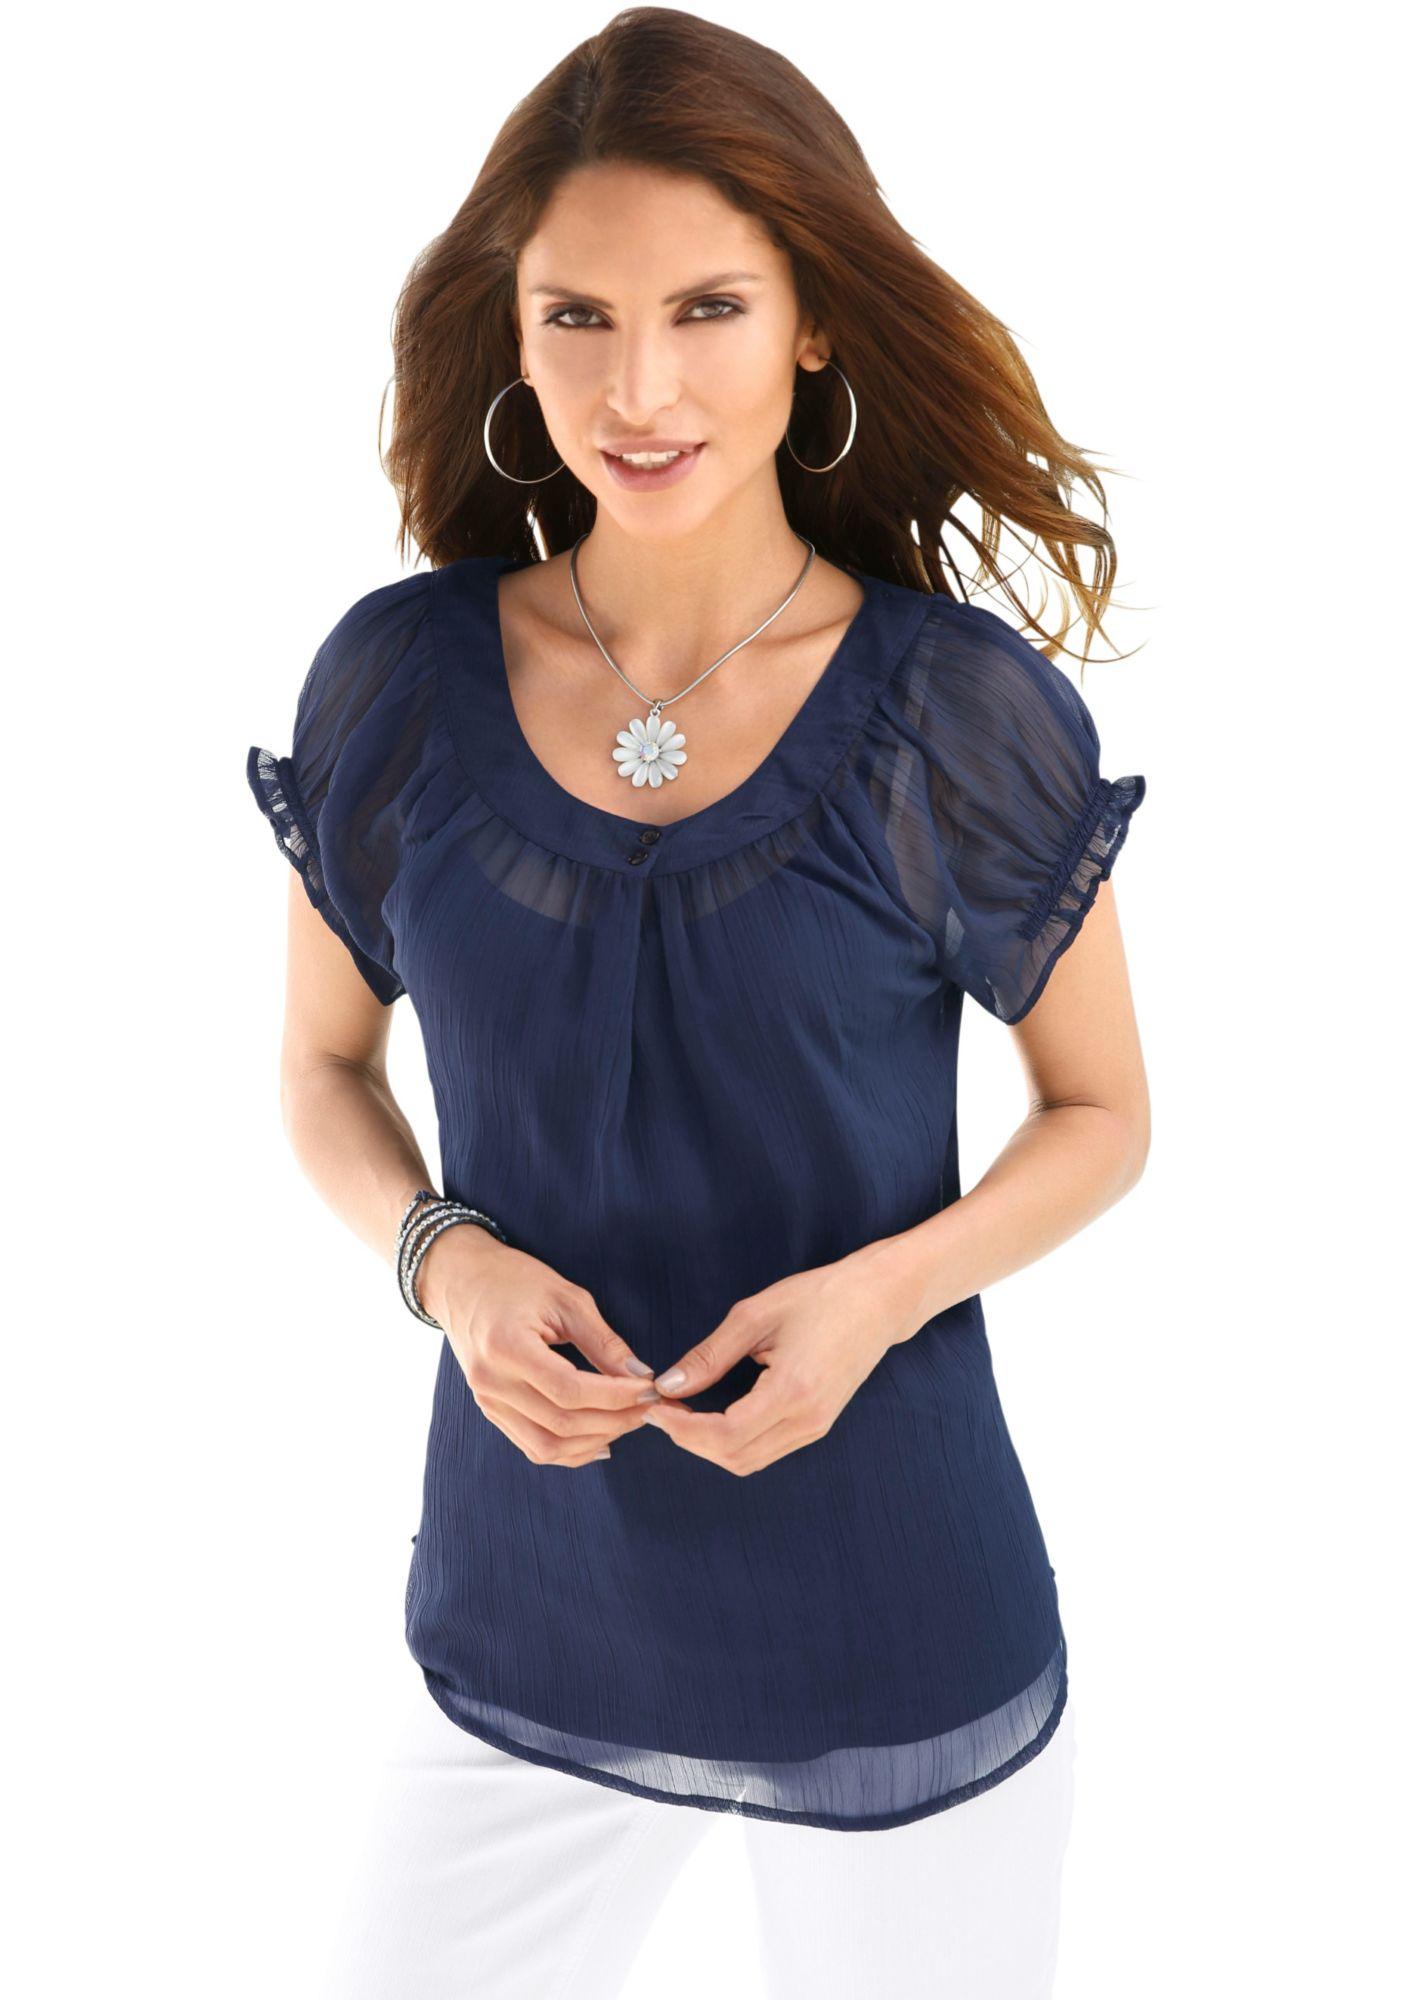 ALESSA W Alessa W. Bluse + Top: Bluse mit Blende und Zierknöpfen